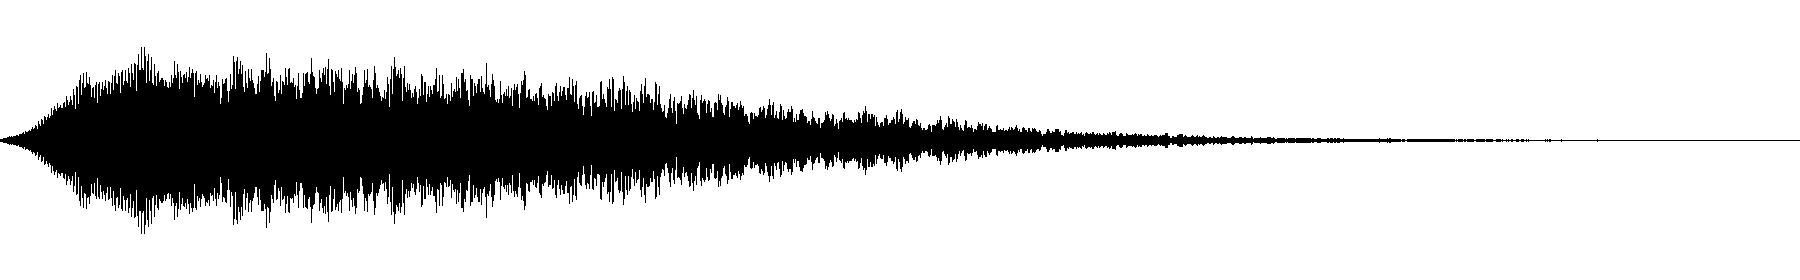 vfx1 atmos 62